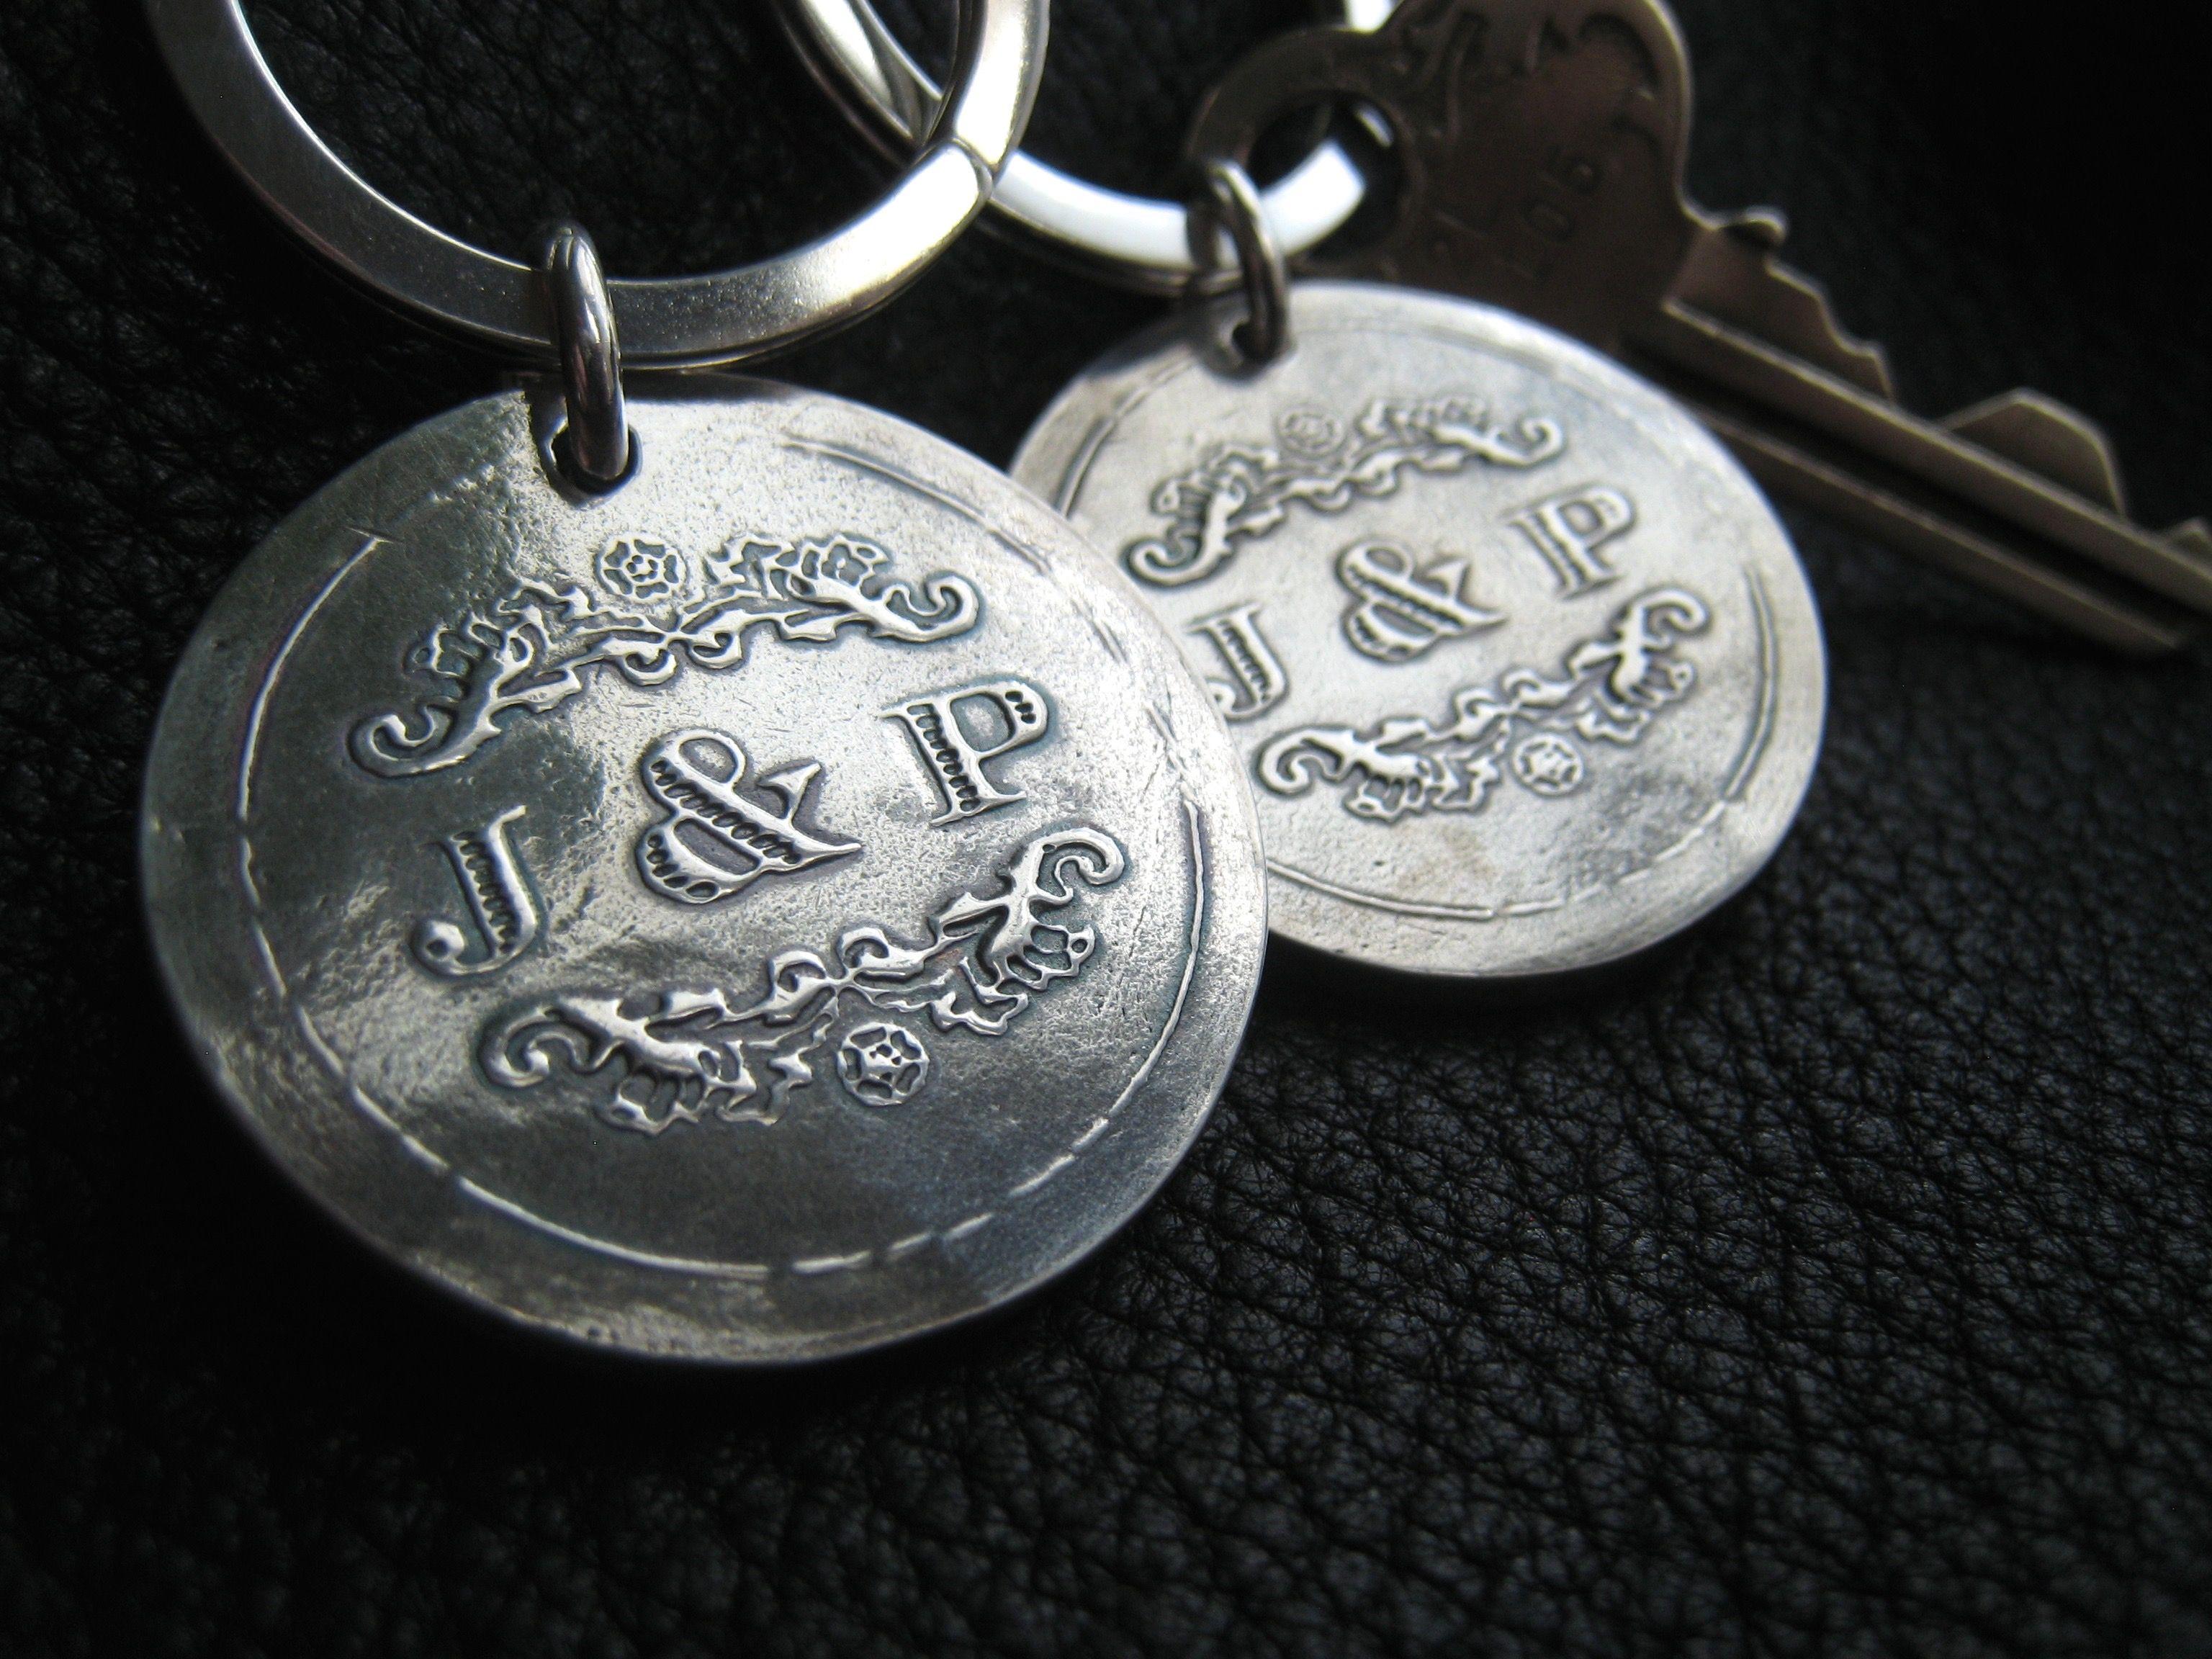 Sterling Silver Key Chain Key Ring Key Fob With Wedding Logo - 1 1 8 af11fab27